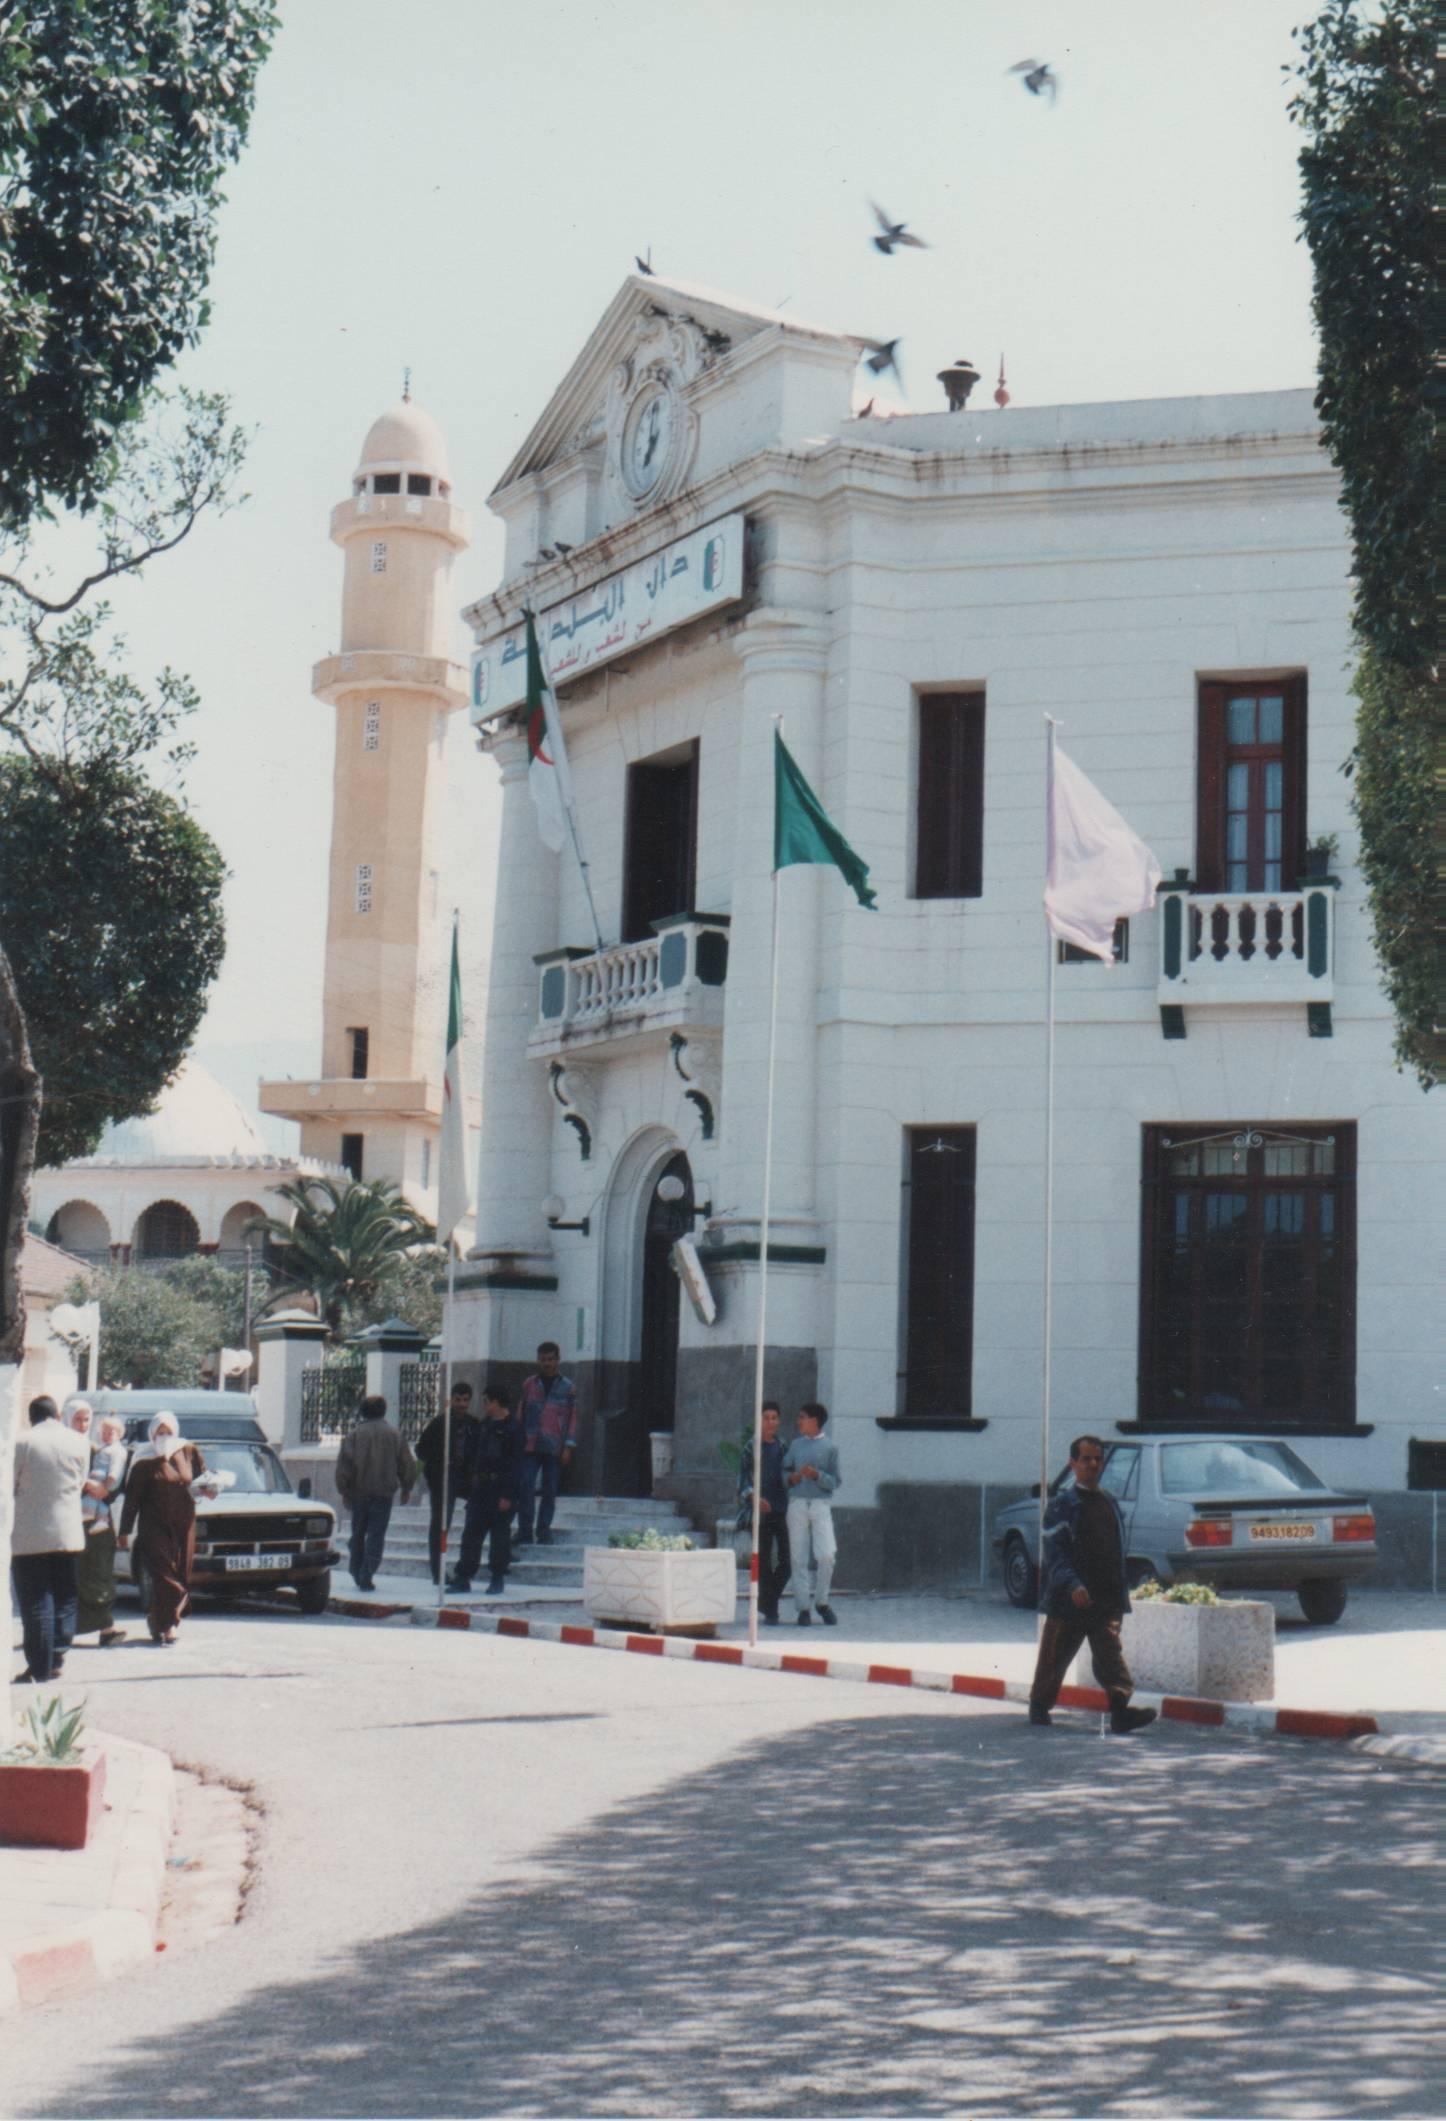 Vive l 39 algerie apc de mouzaia wilaya de blida algerie for Interieur gov dz s12